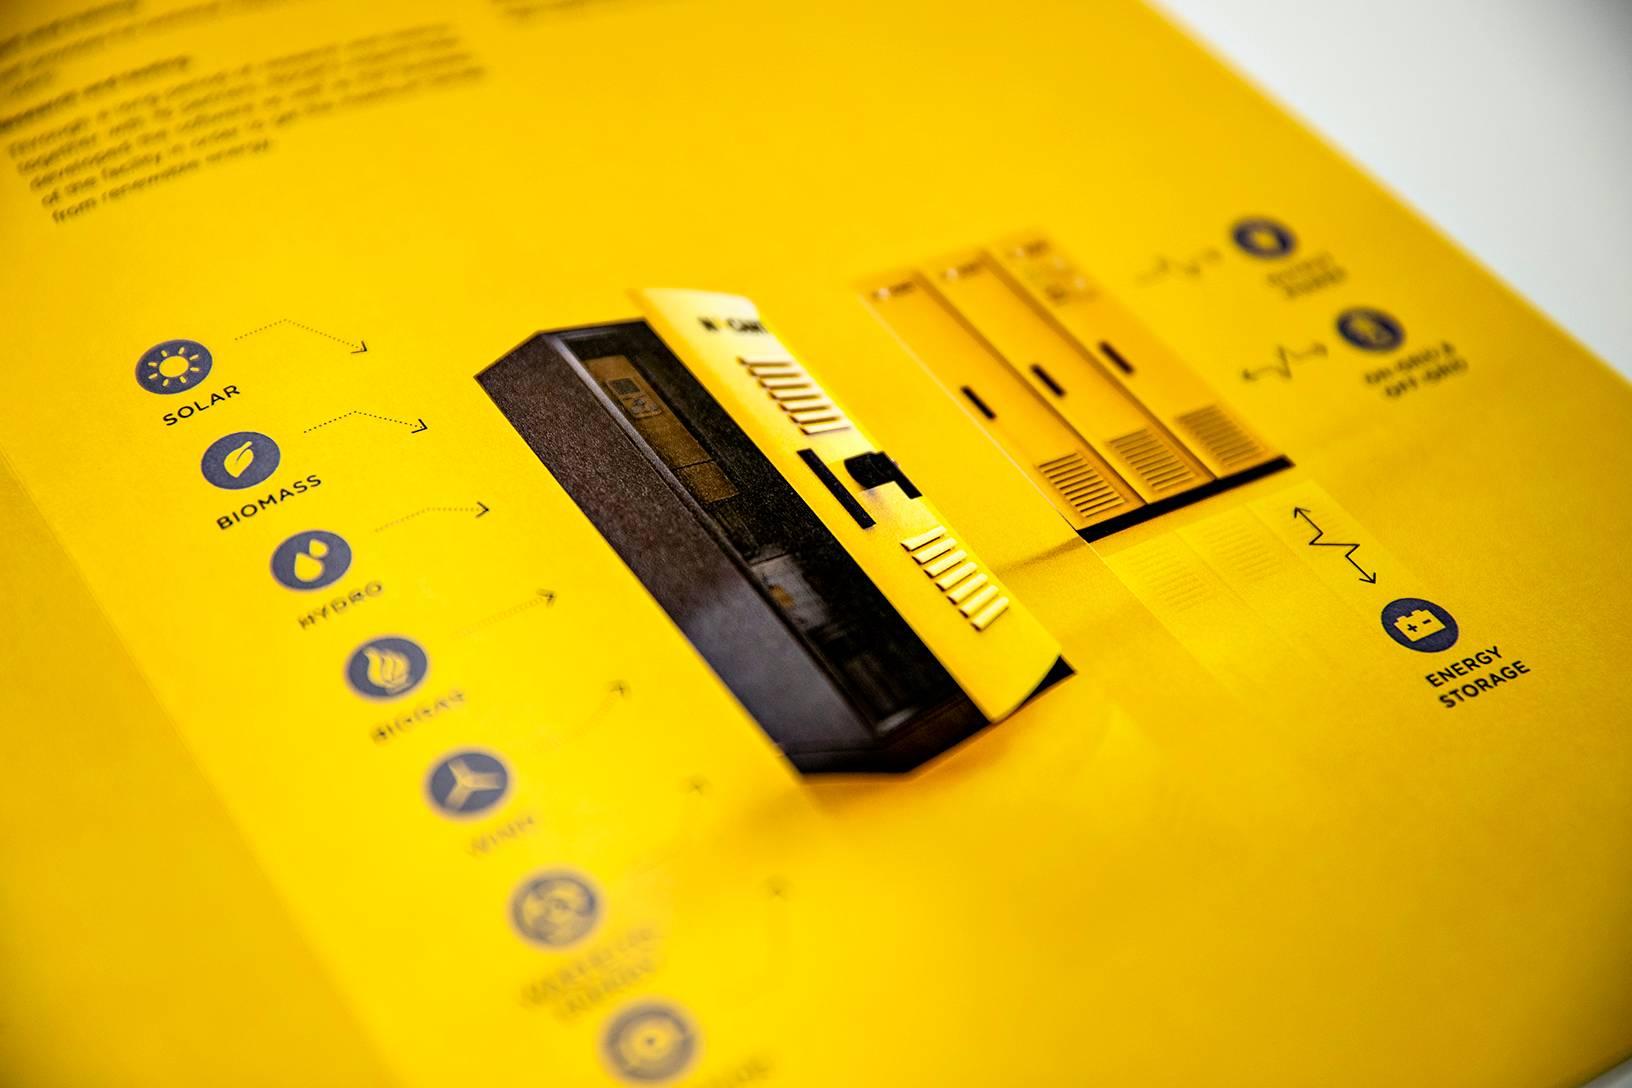 Nocart ei ole hakenut sähkönhallintayksikölleen patenttia, koska toimitusjohtaja pelkää keksinnön kopiointia.